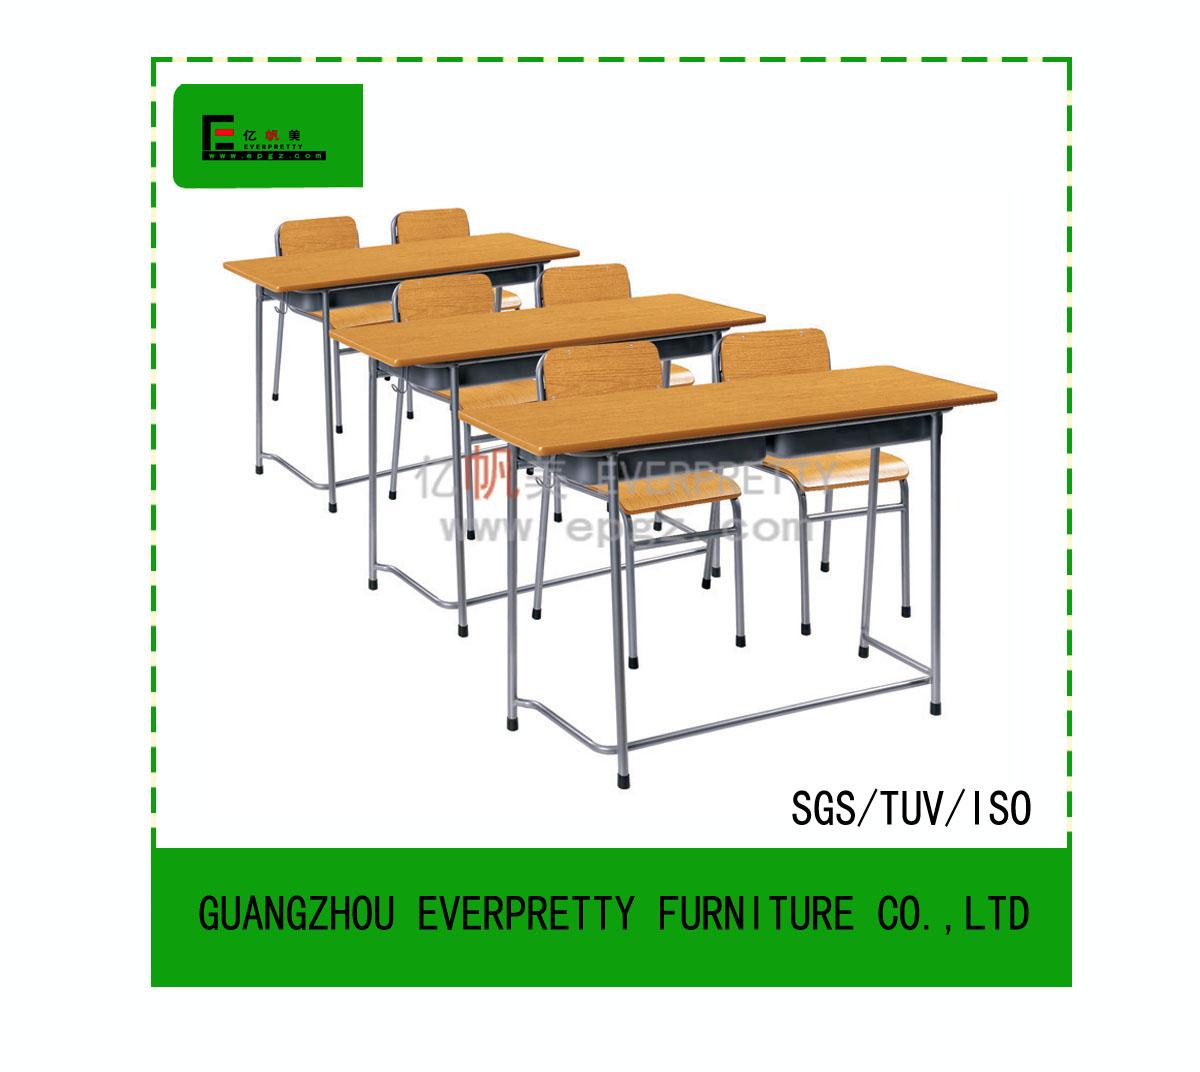 Aula escritorio est ndar y una silla universidad aula mesa for Silla universidad